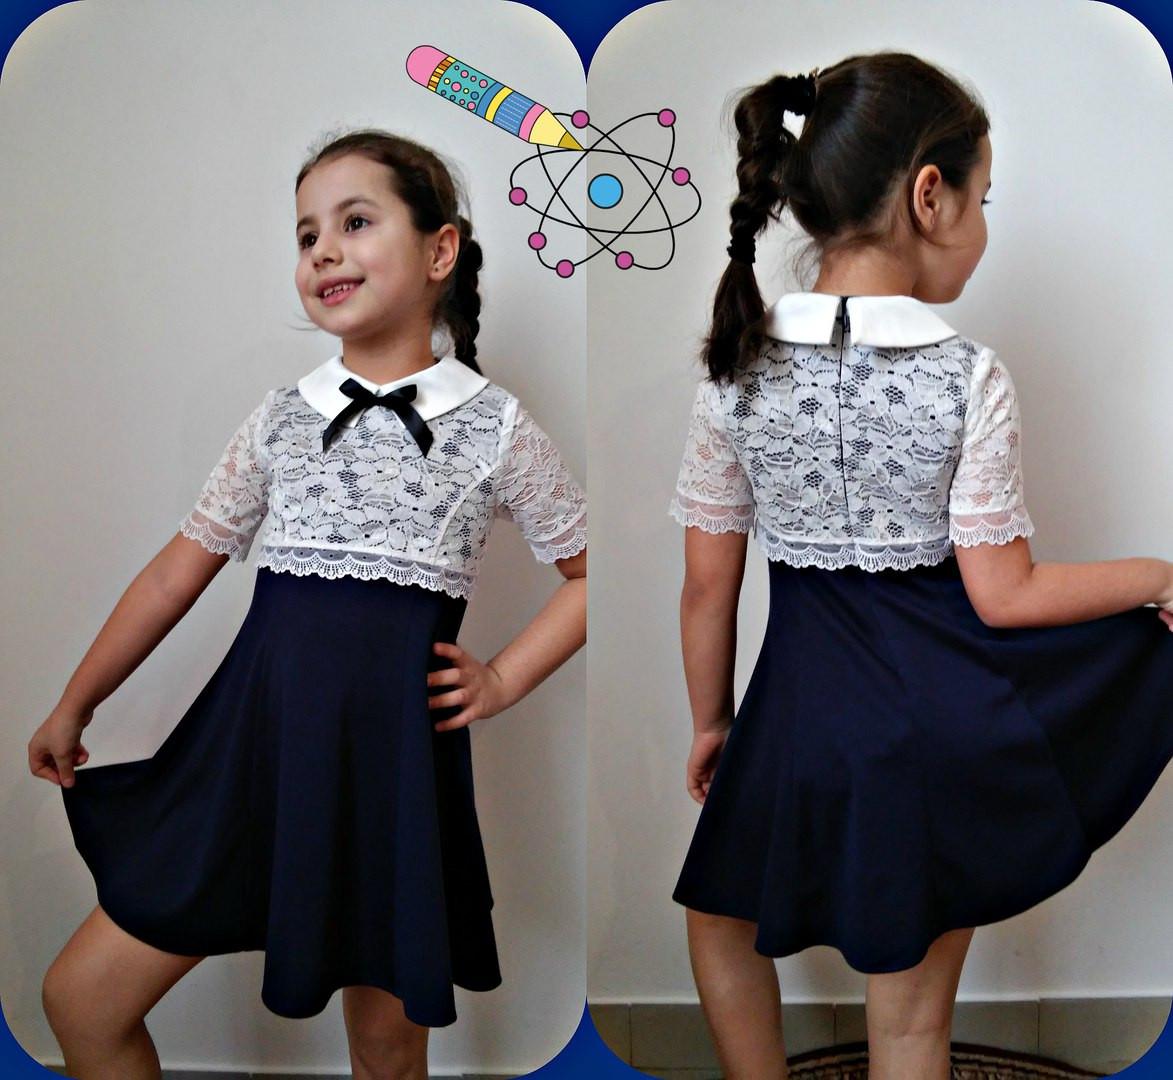 Детское нарядное платье ткань французский трикотаж +гипюр до пояса,короткий рукав.рост 116;122;128;134:140 .цвет чёрный, синий,электрик,коралл, мята